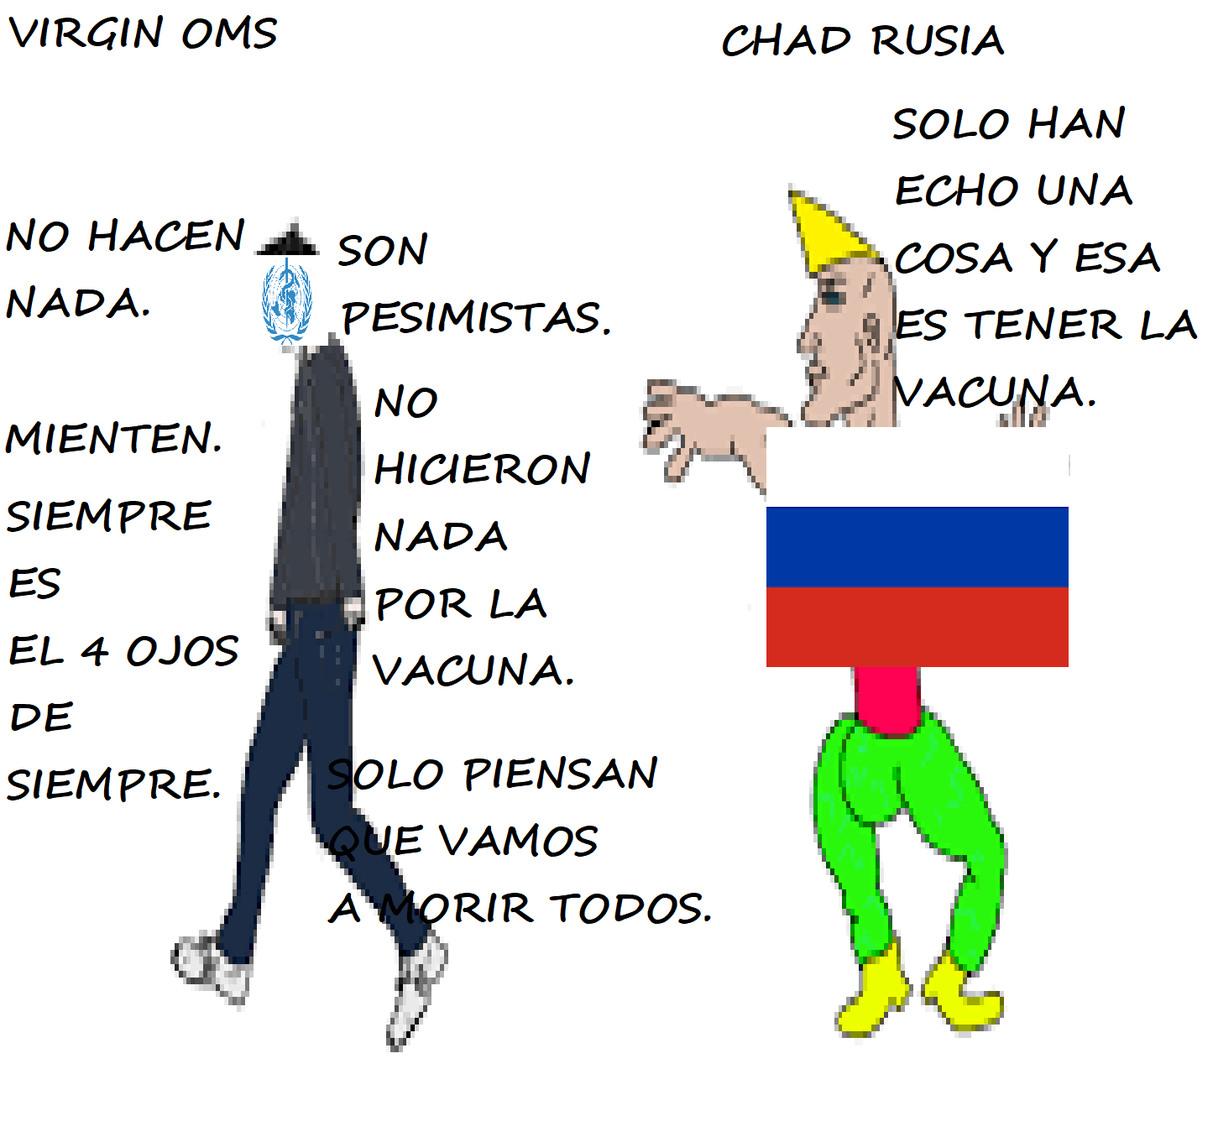 MALA EDICION - meme